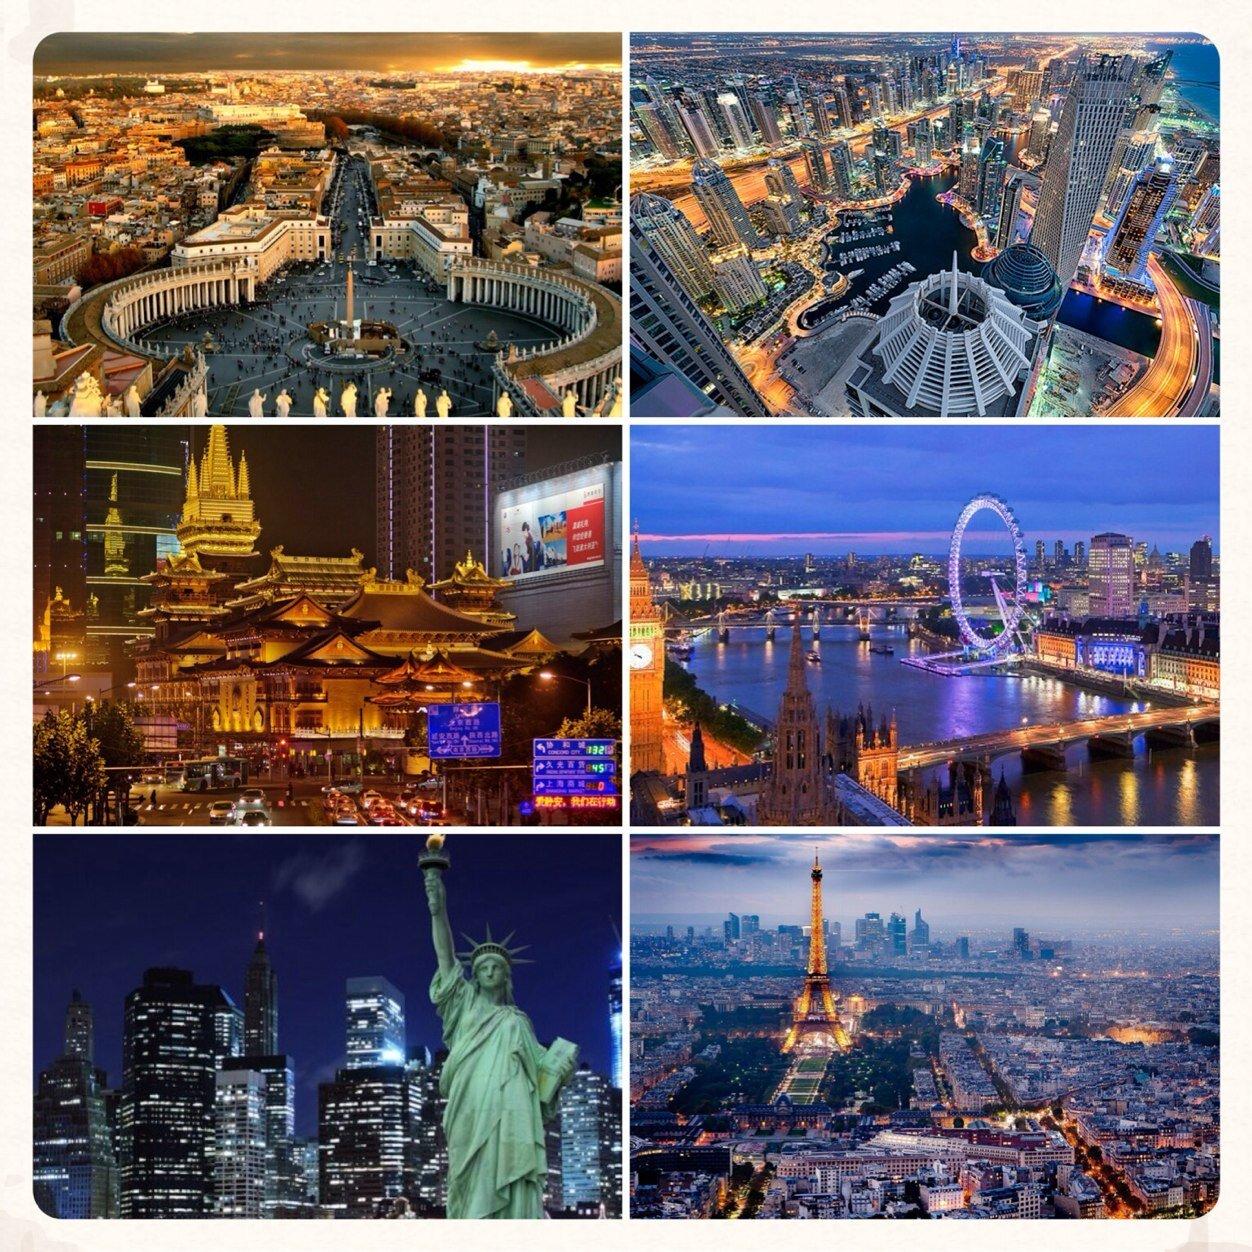 1. صور المدينة